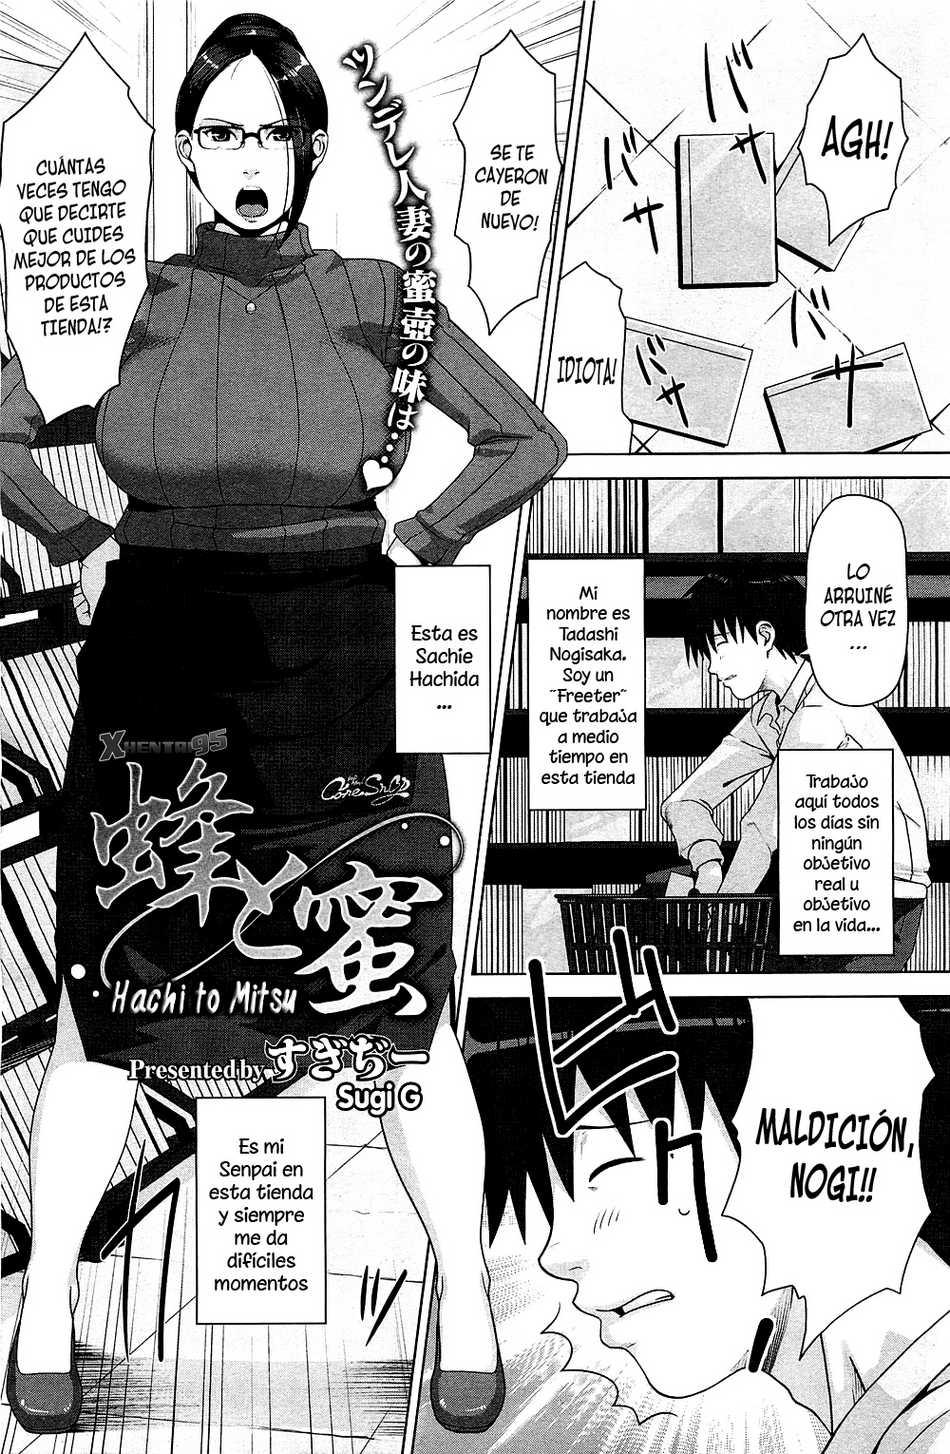 Hachi to Mitsu - Page #1